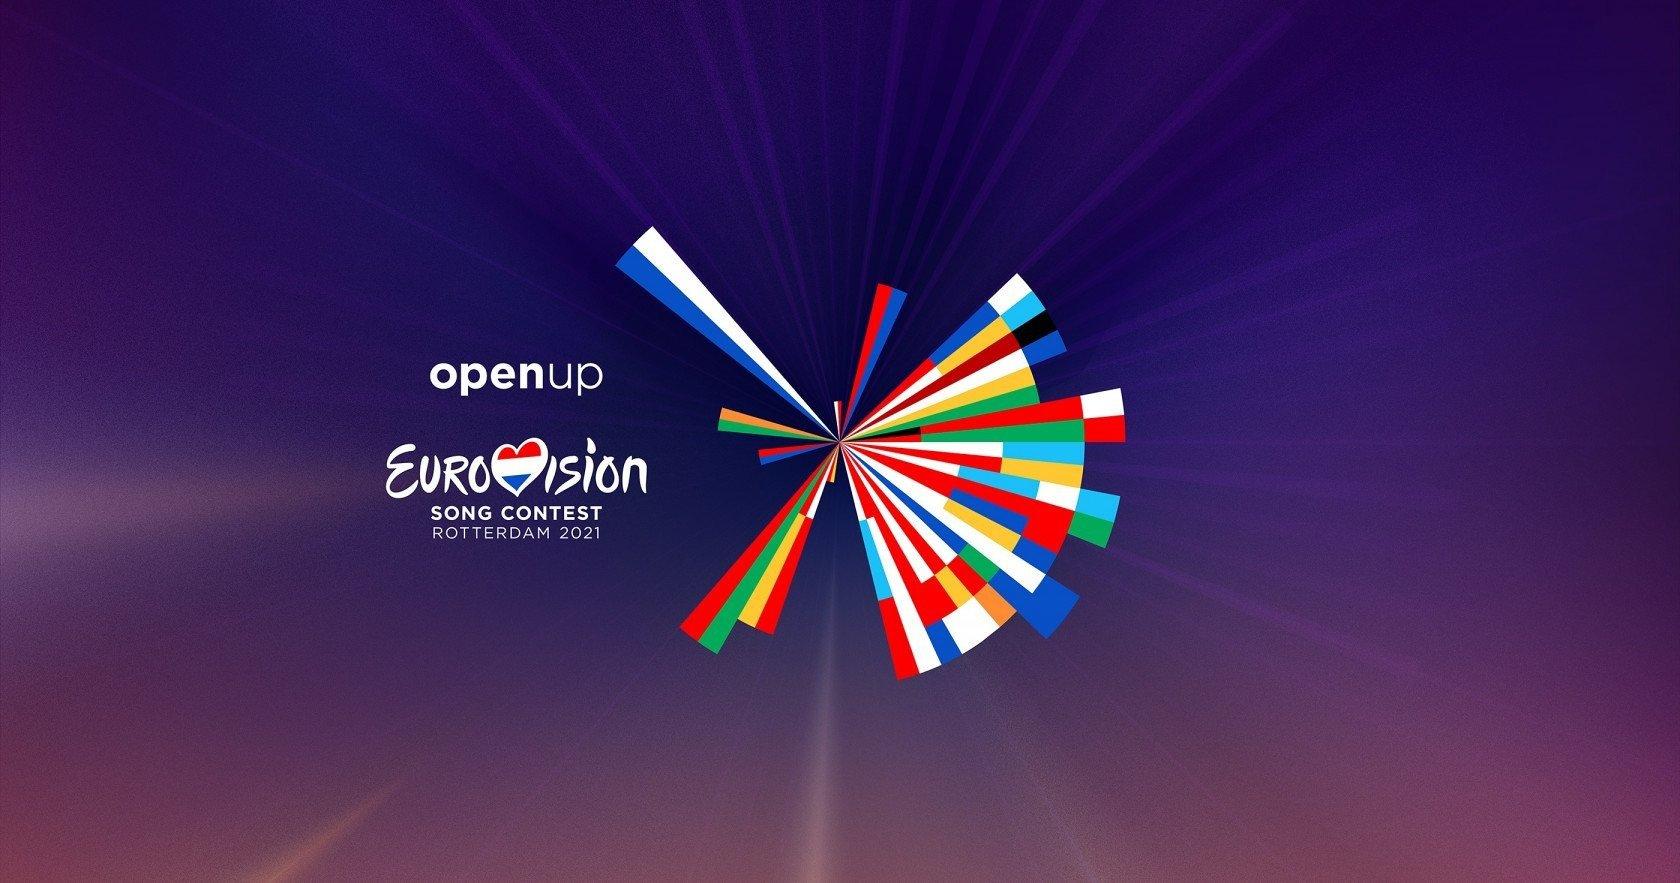 Євробачення - 2021: оновлений логотип конкурсу